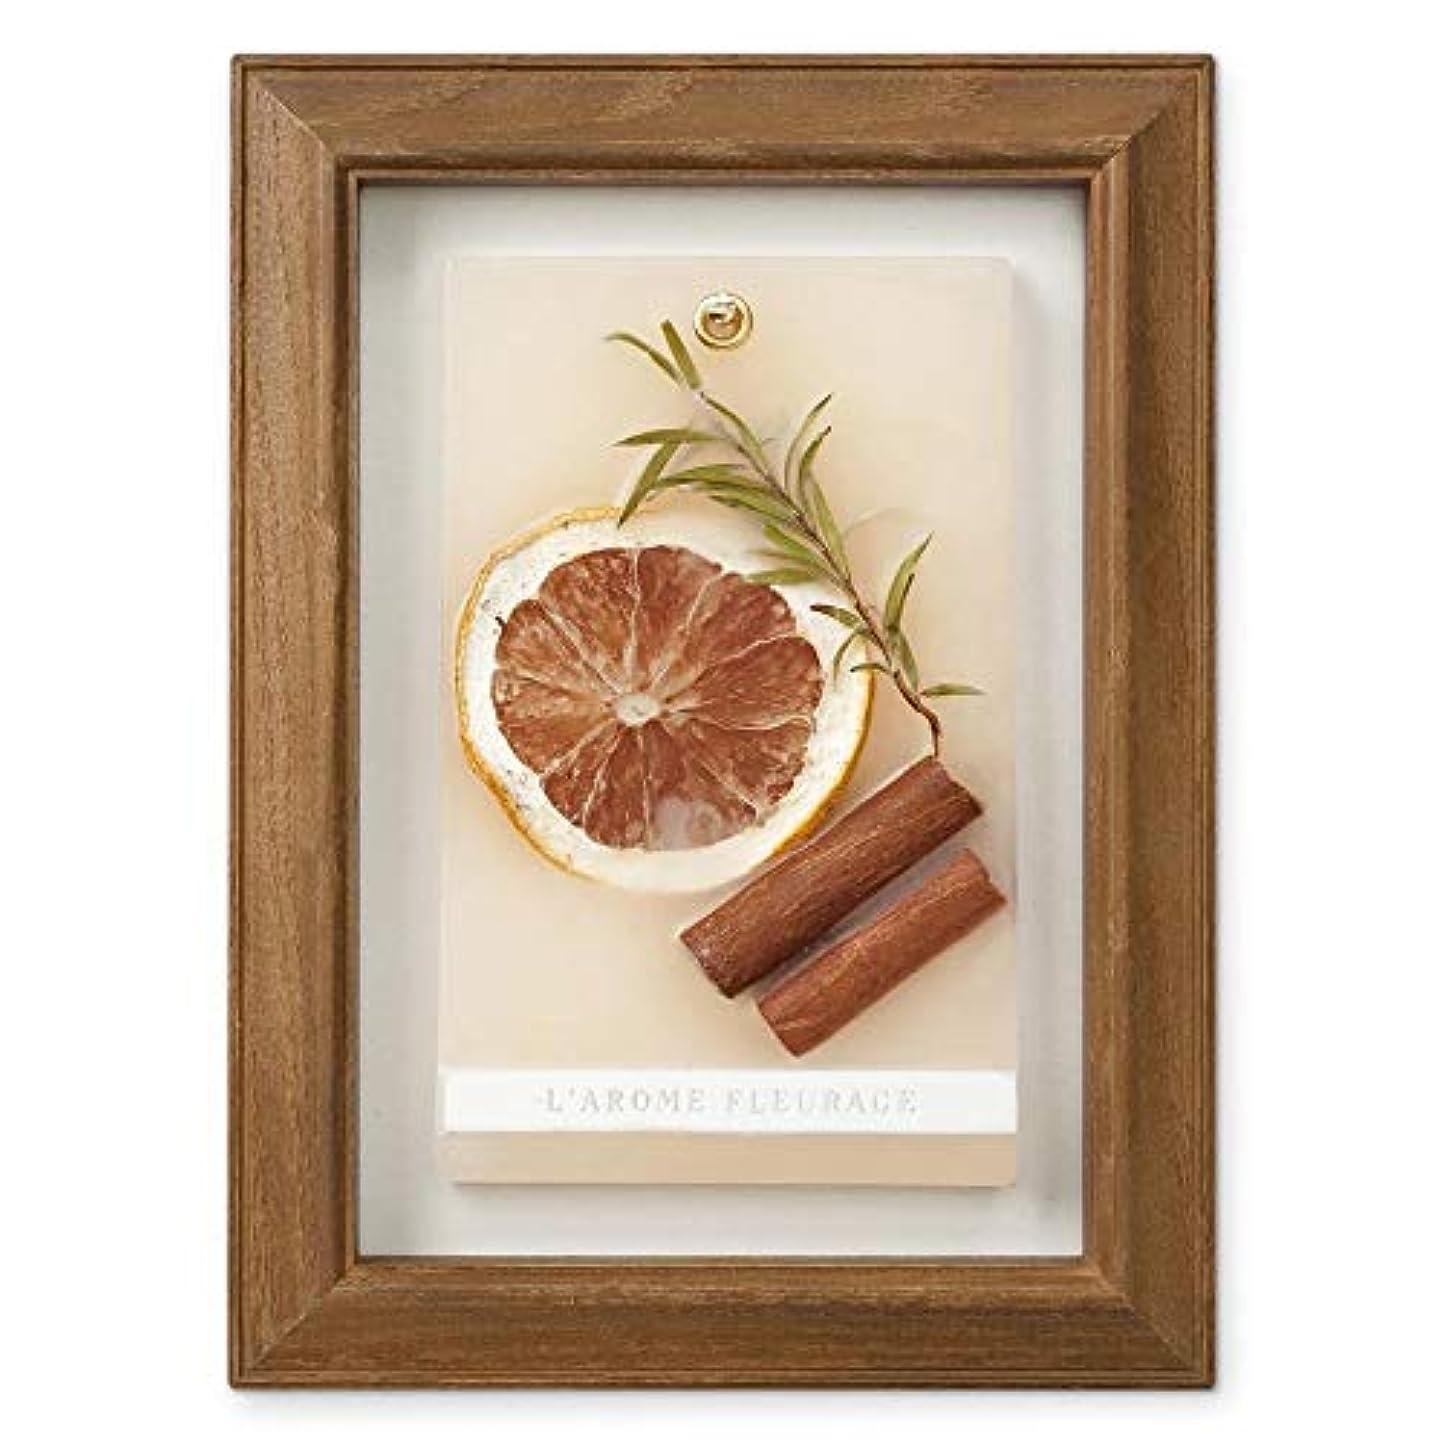 逸脱順応性避けられないFLEURAGE(フルラージュ) アロマワックスサシェ スイートオレンジの香り Orange×AntiqueBrown KH-61121